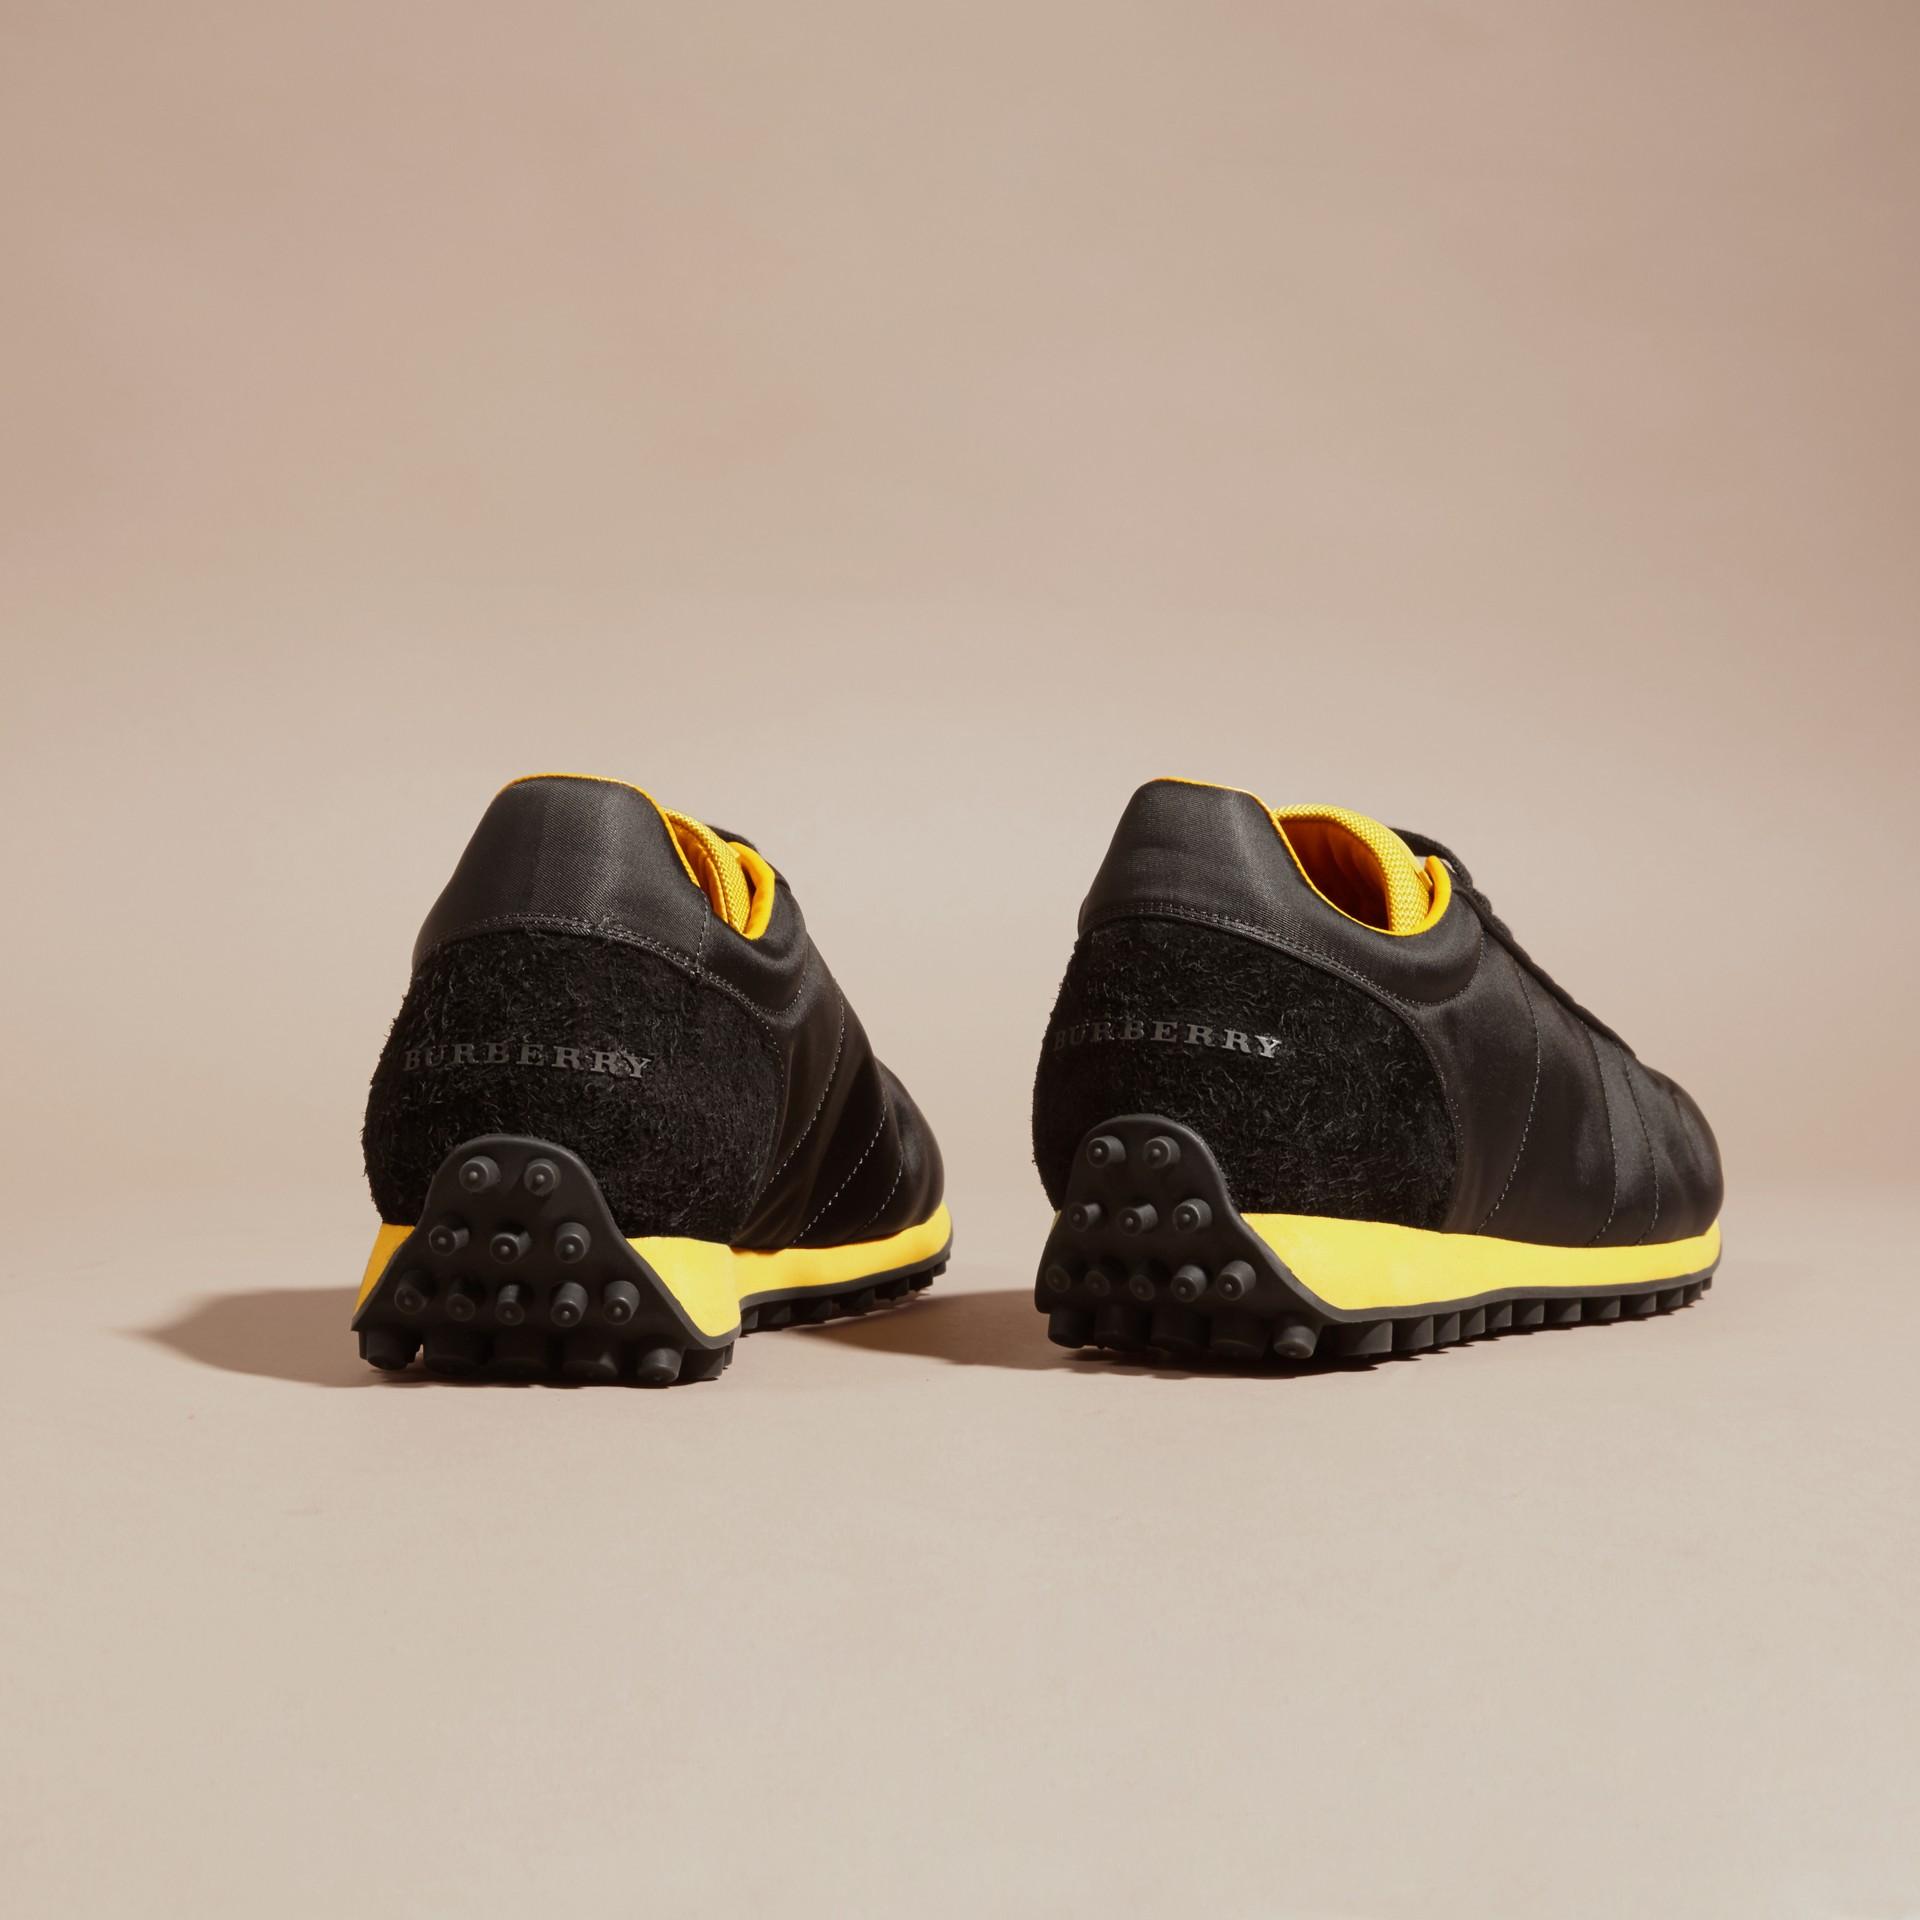 Nero/giallo bruciato Sneaker tecniche con finiture effetto texture Nero/giallo Bruciato - immagine della galleria 4